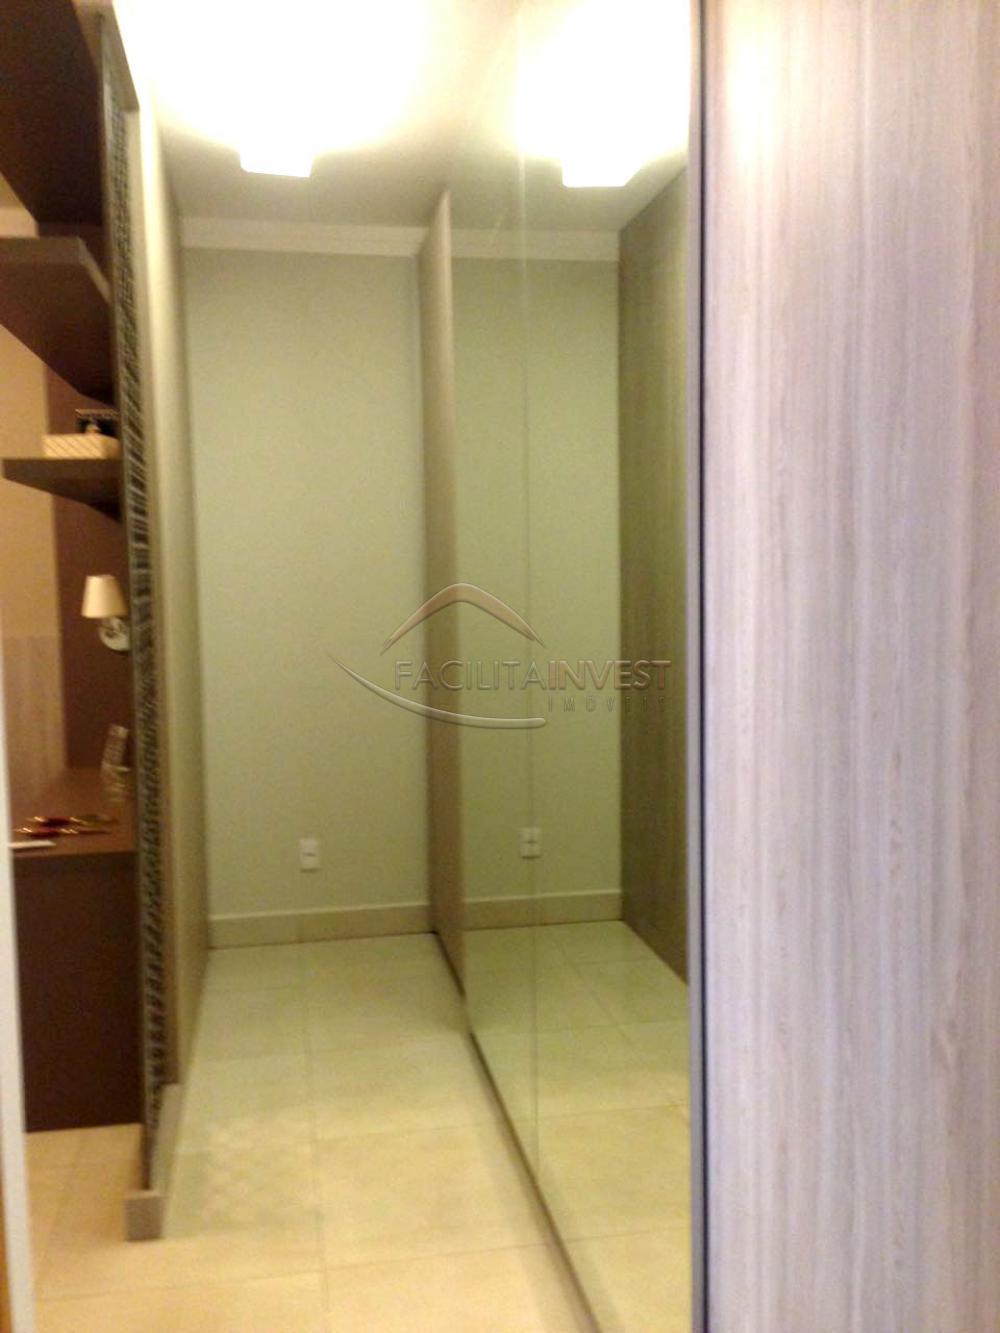 Comprar Lançamentos/ Empreendimentos em Construç / Apartamento padrão - Lançamento em Ribeirão Preto apenas R$ 958.391,00 - Foto 9